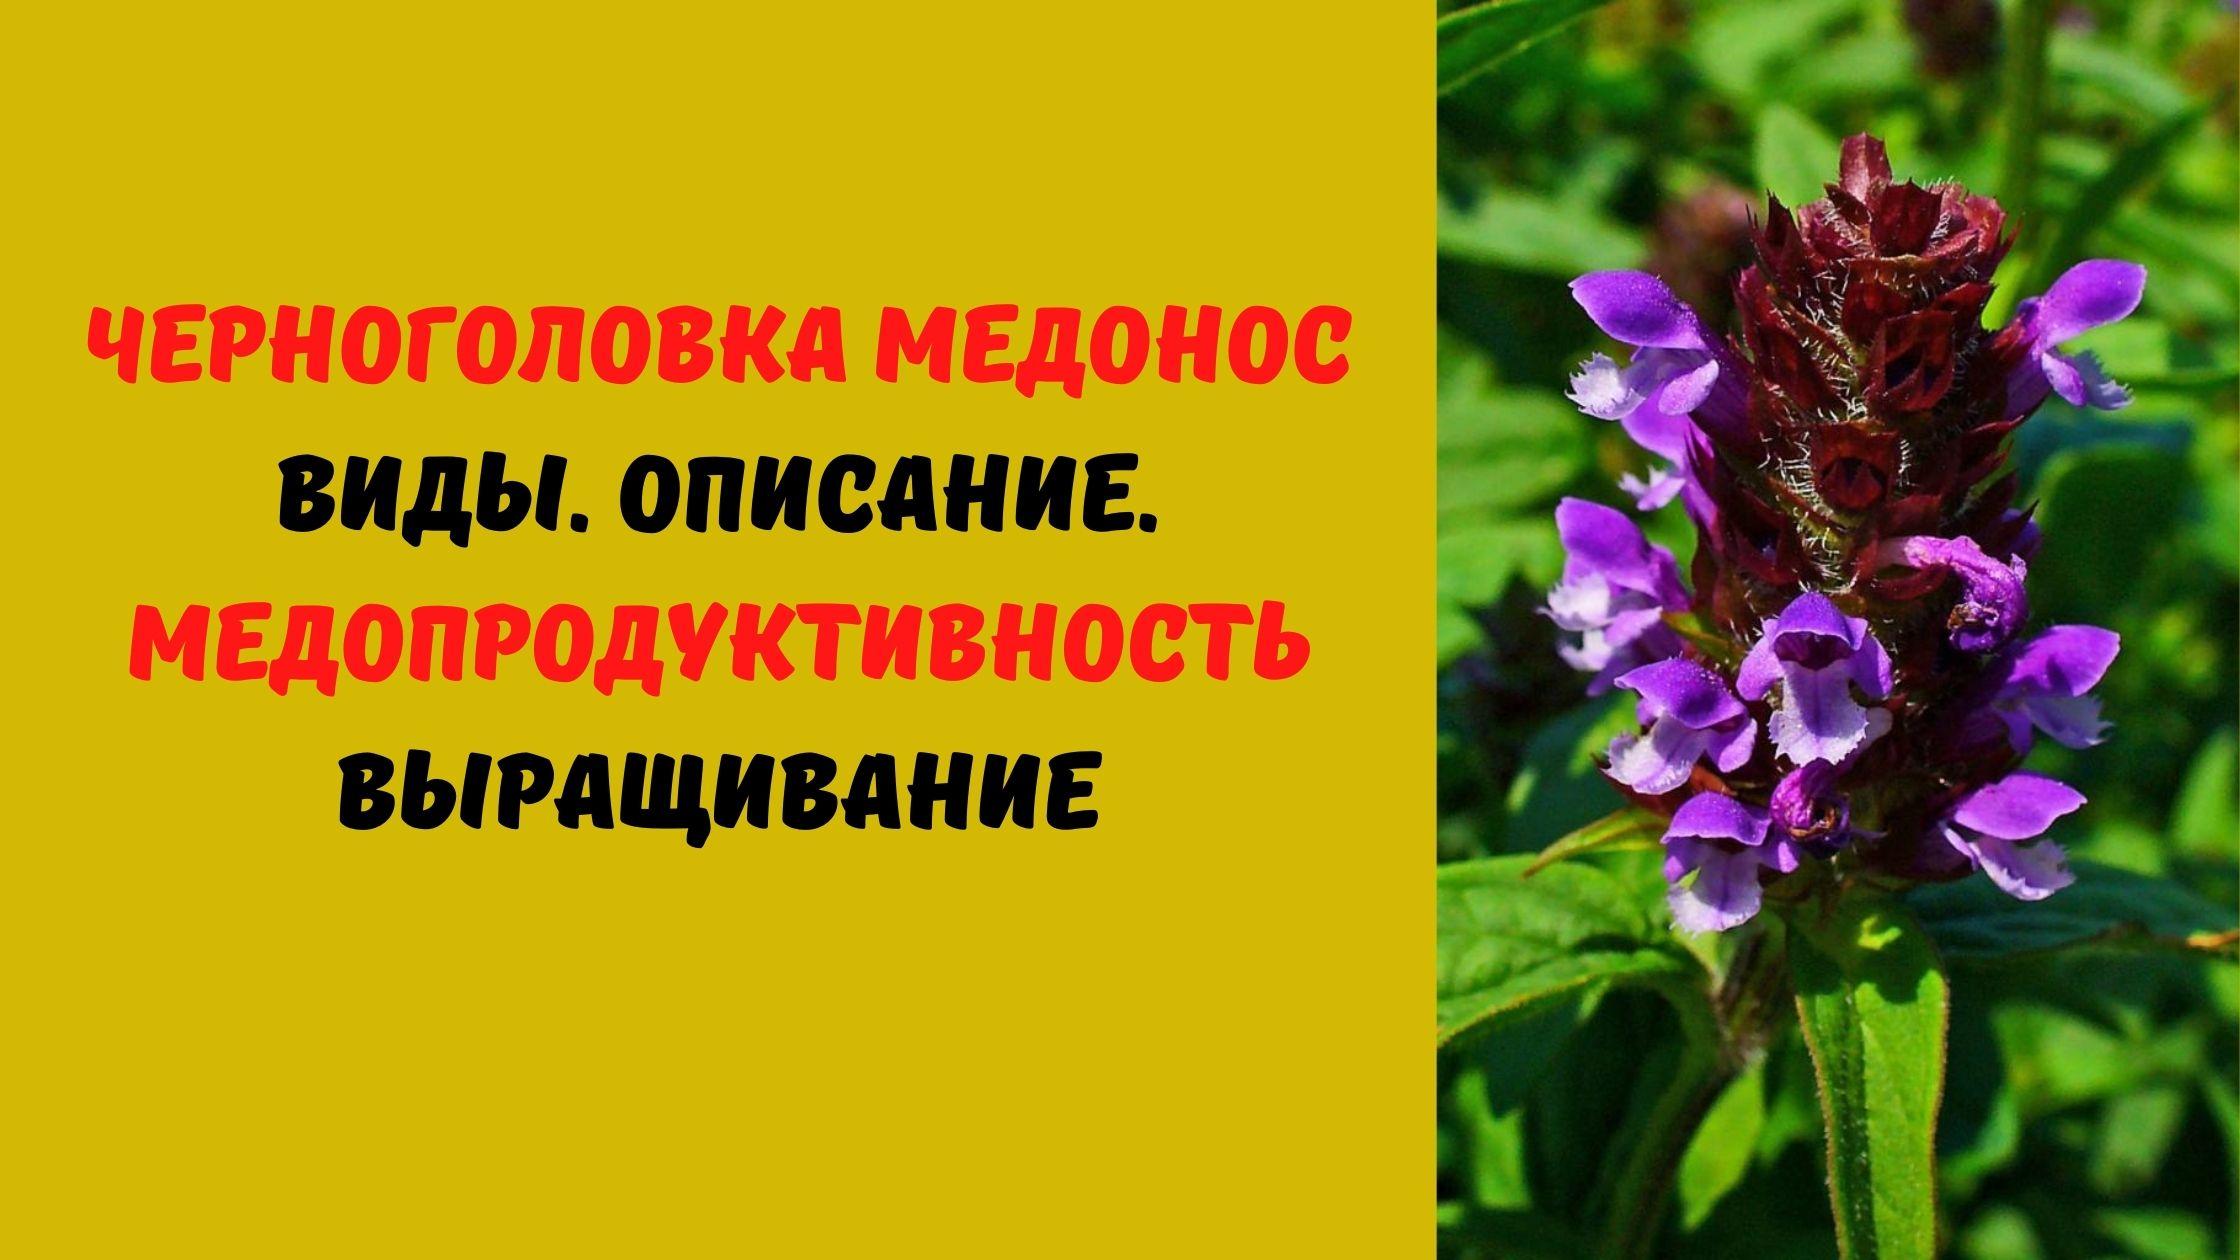 черноголовка медонос